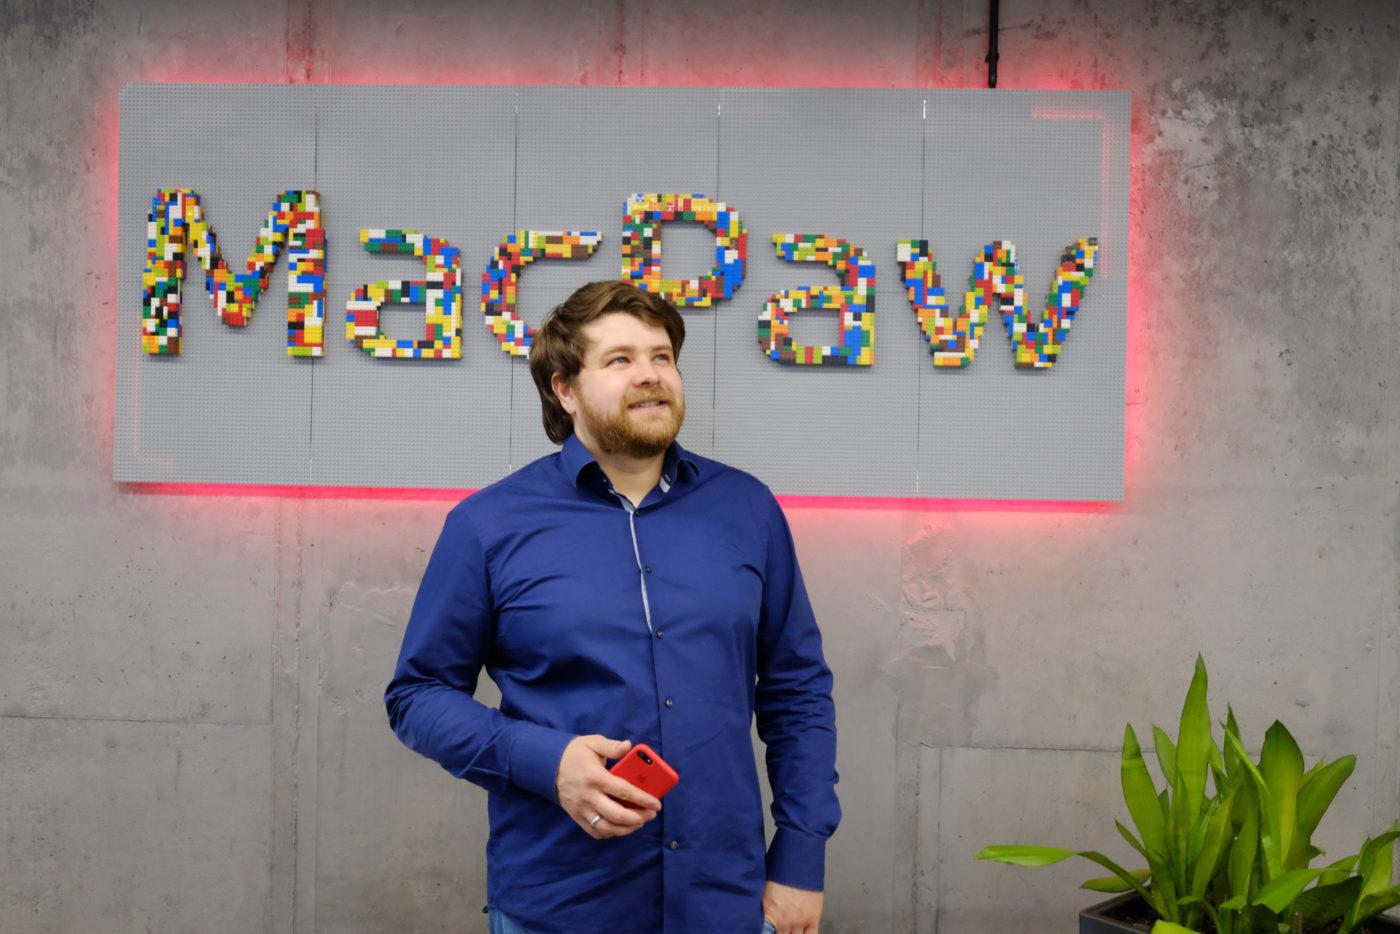 інтерв'ю:Олександр Косован: «Ми у MacPaw вкладаємо багато уваги і любові в те, що робимо»